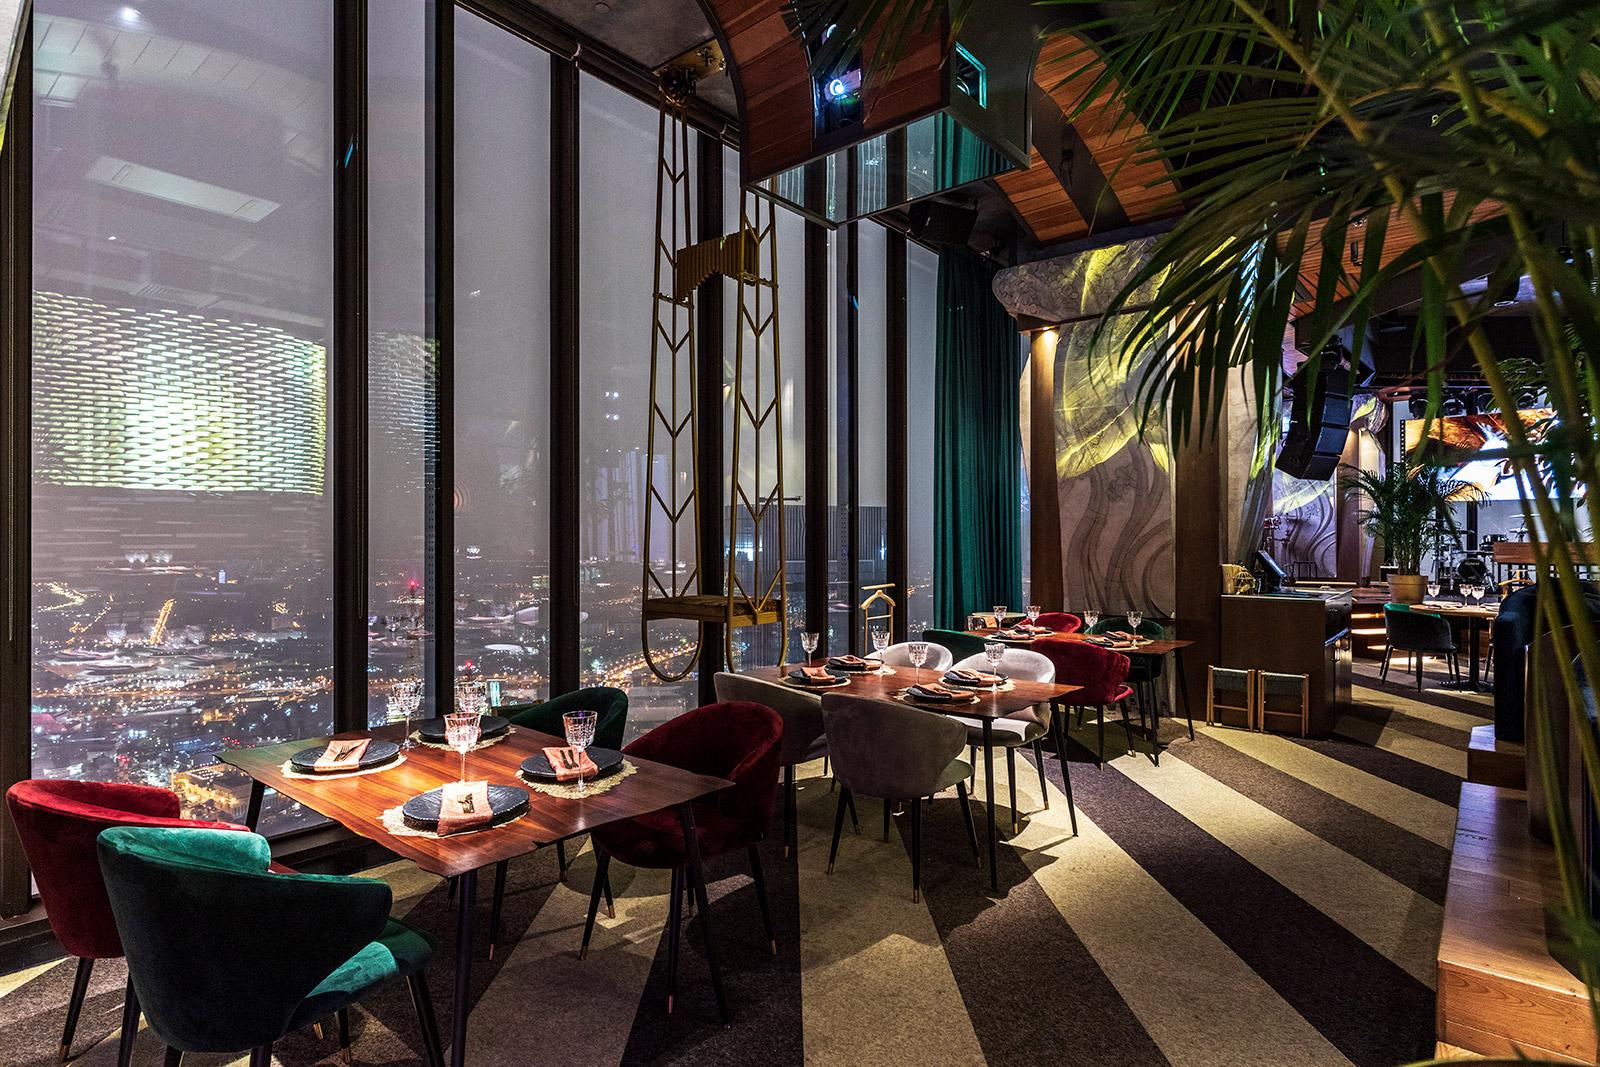 Birds ресторан москва клуб ночные клубы за 30 лет